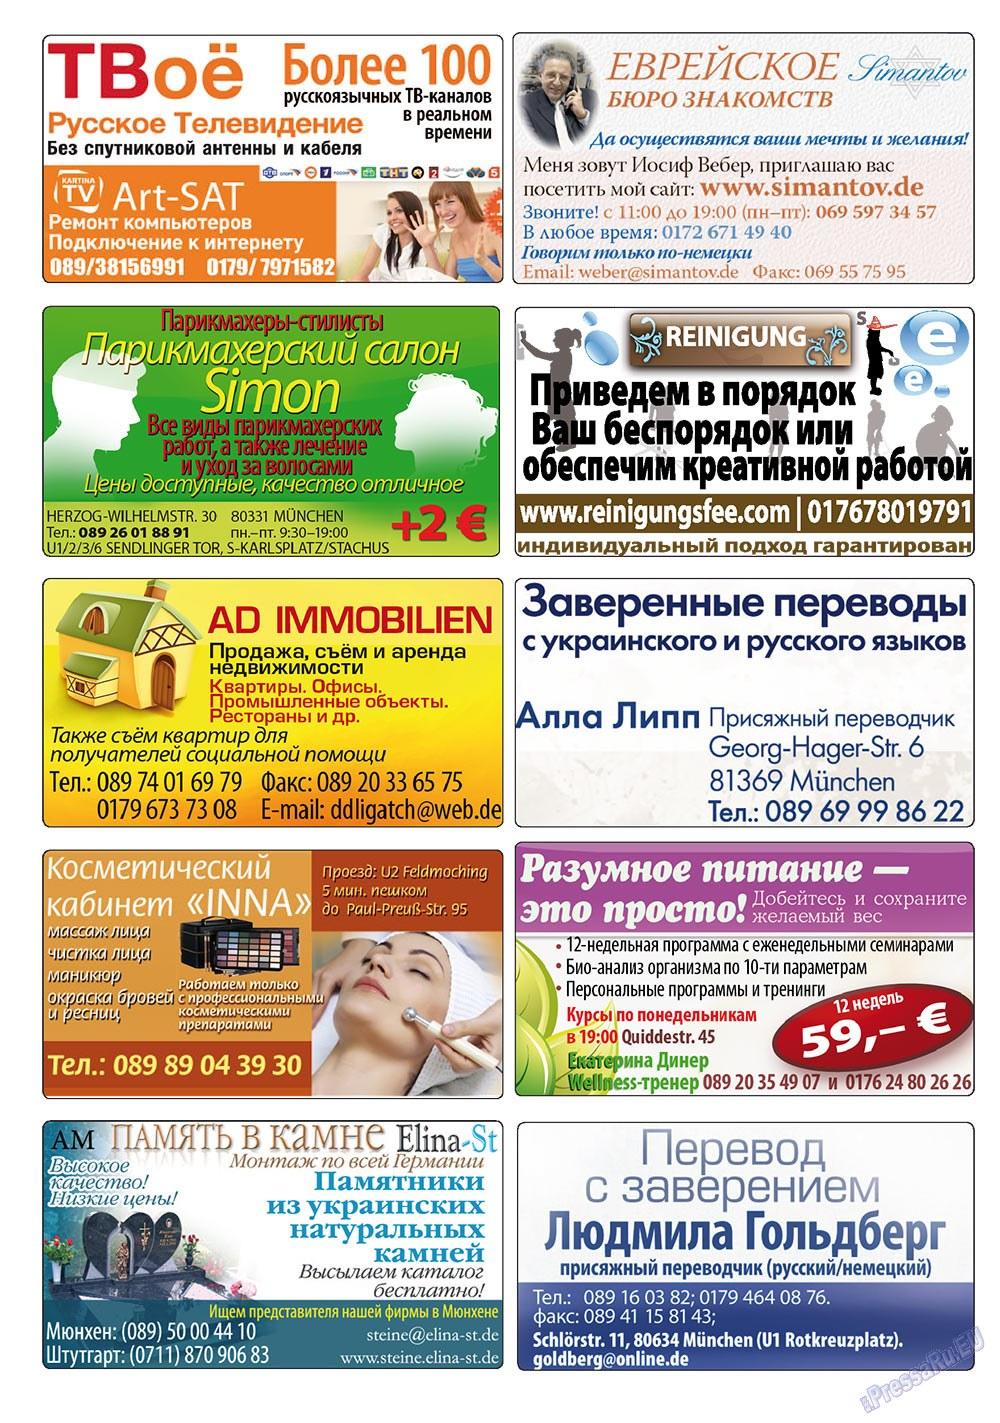 Апельсин (журнал). 2010 год, номер 17, стр. 26